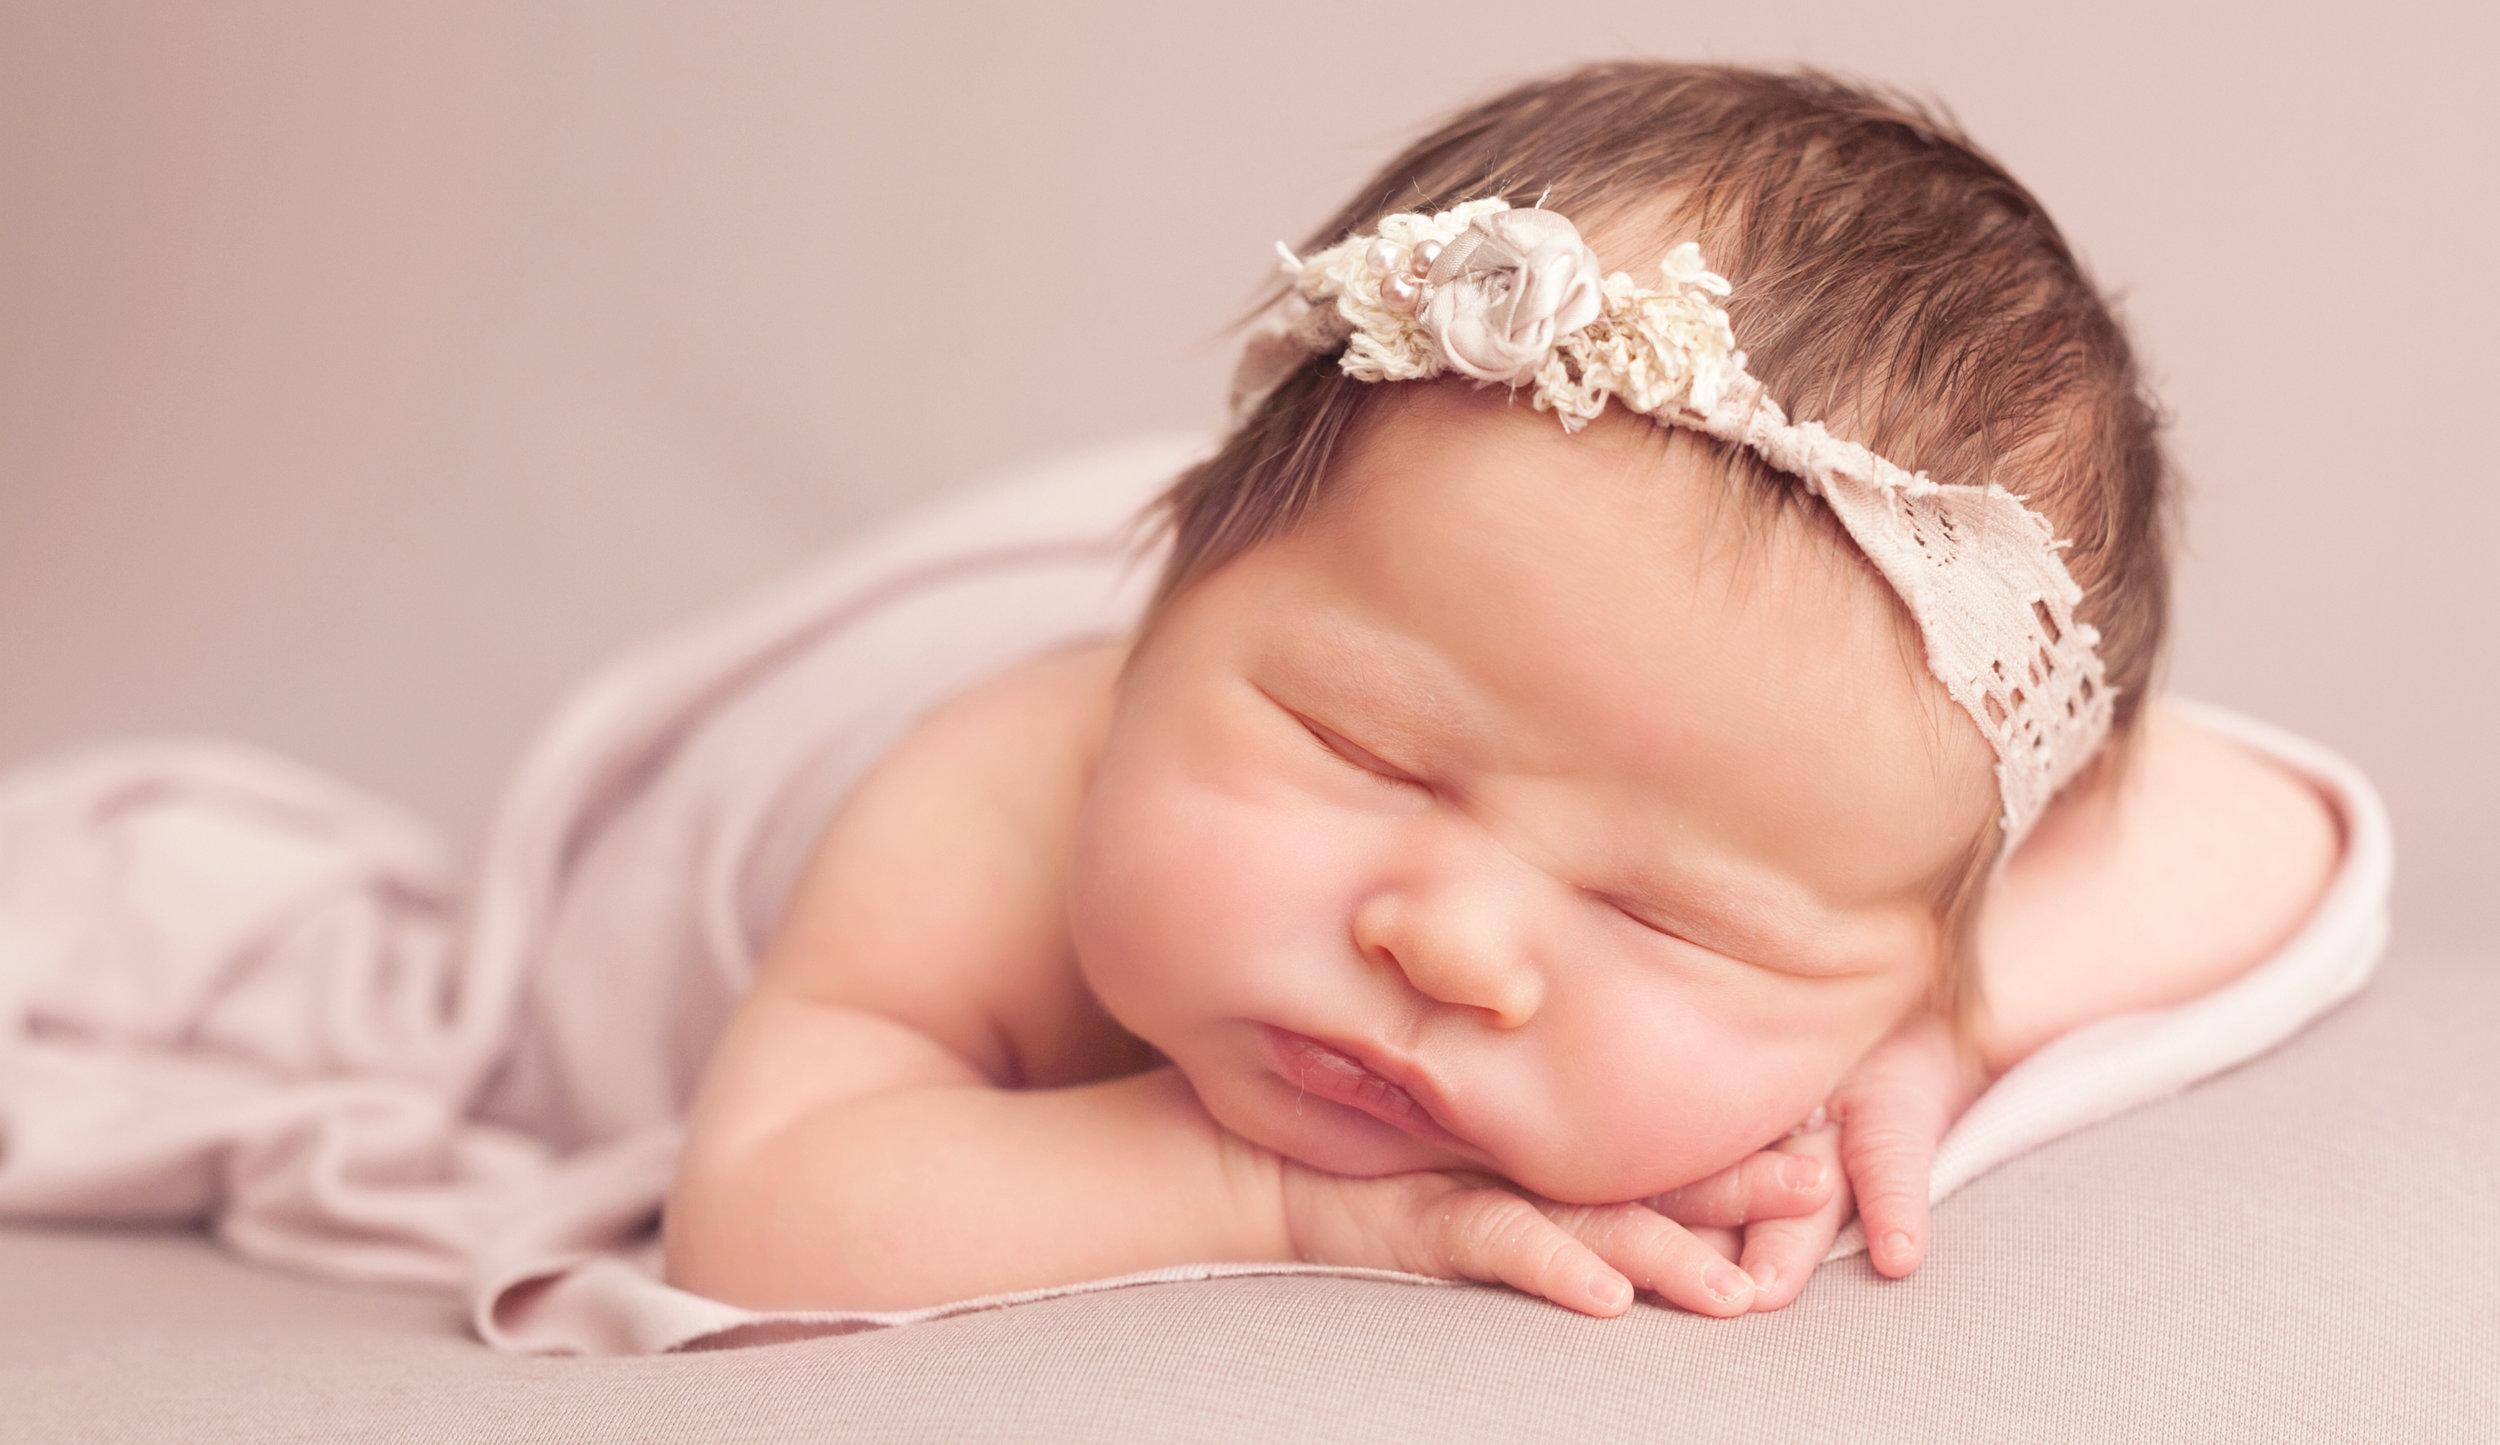 Newborn8.jpg